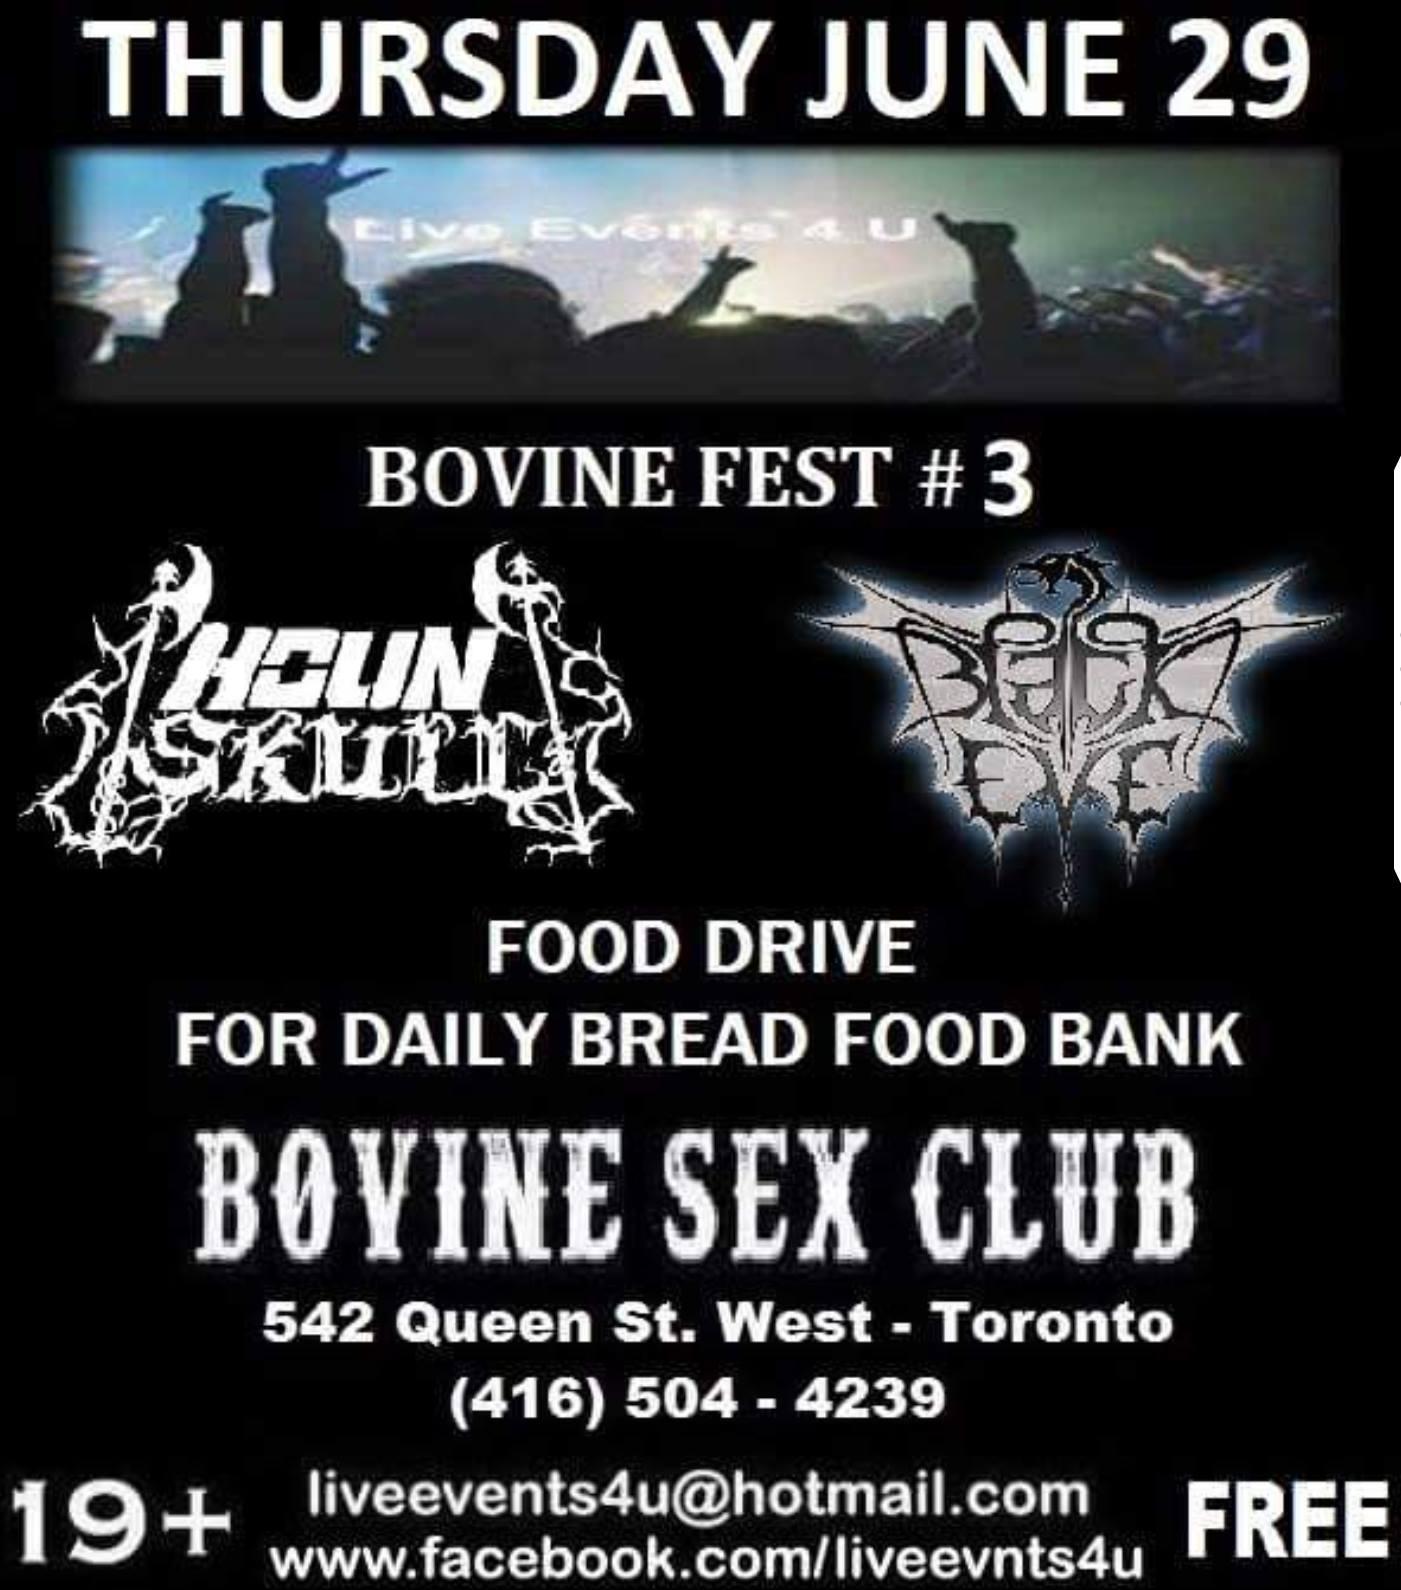 Bovine Fest # 3